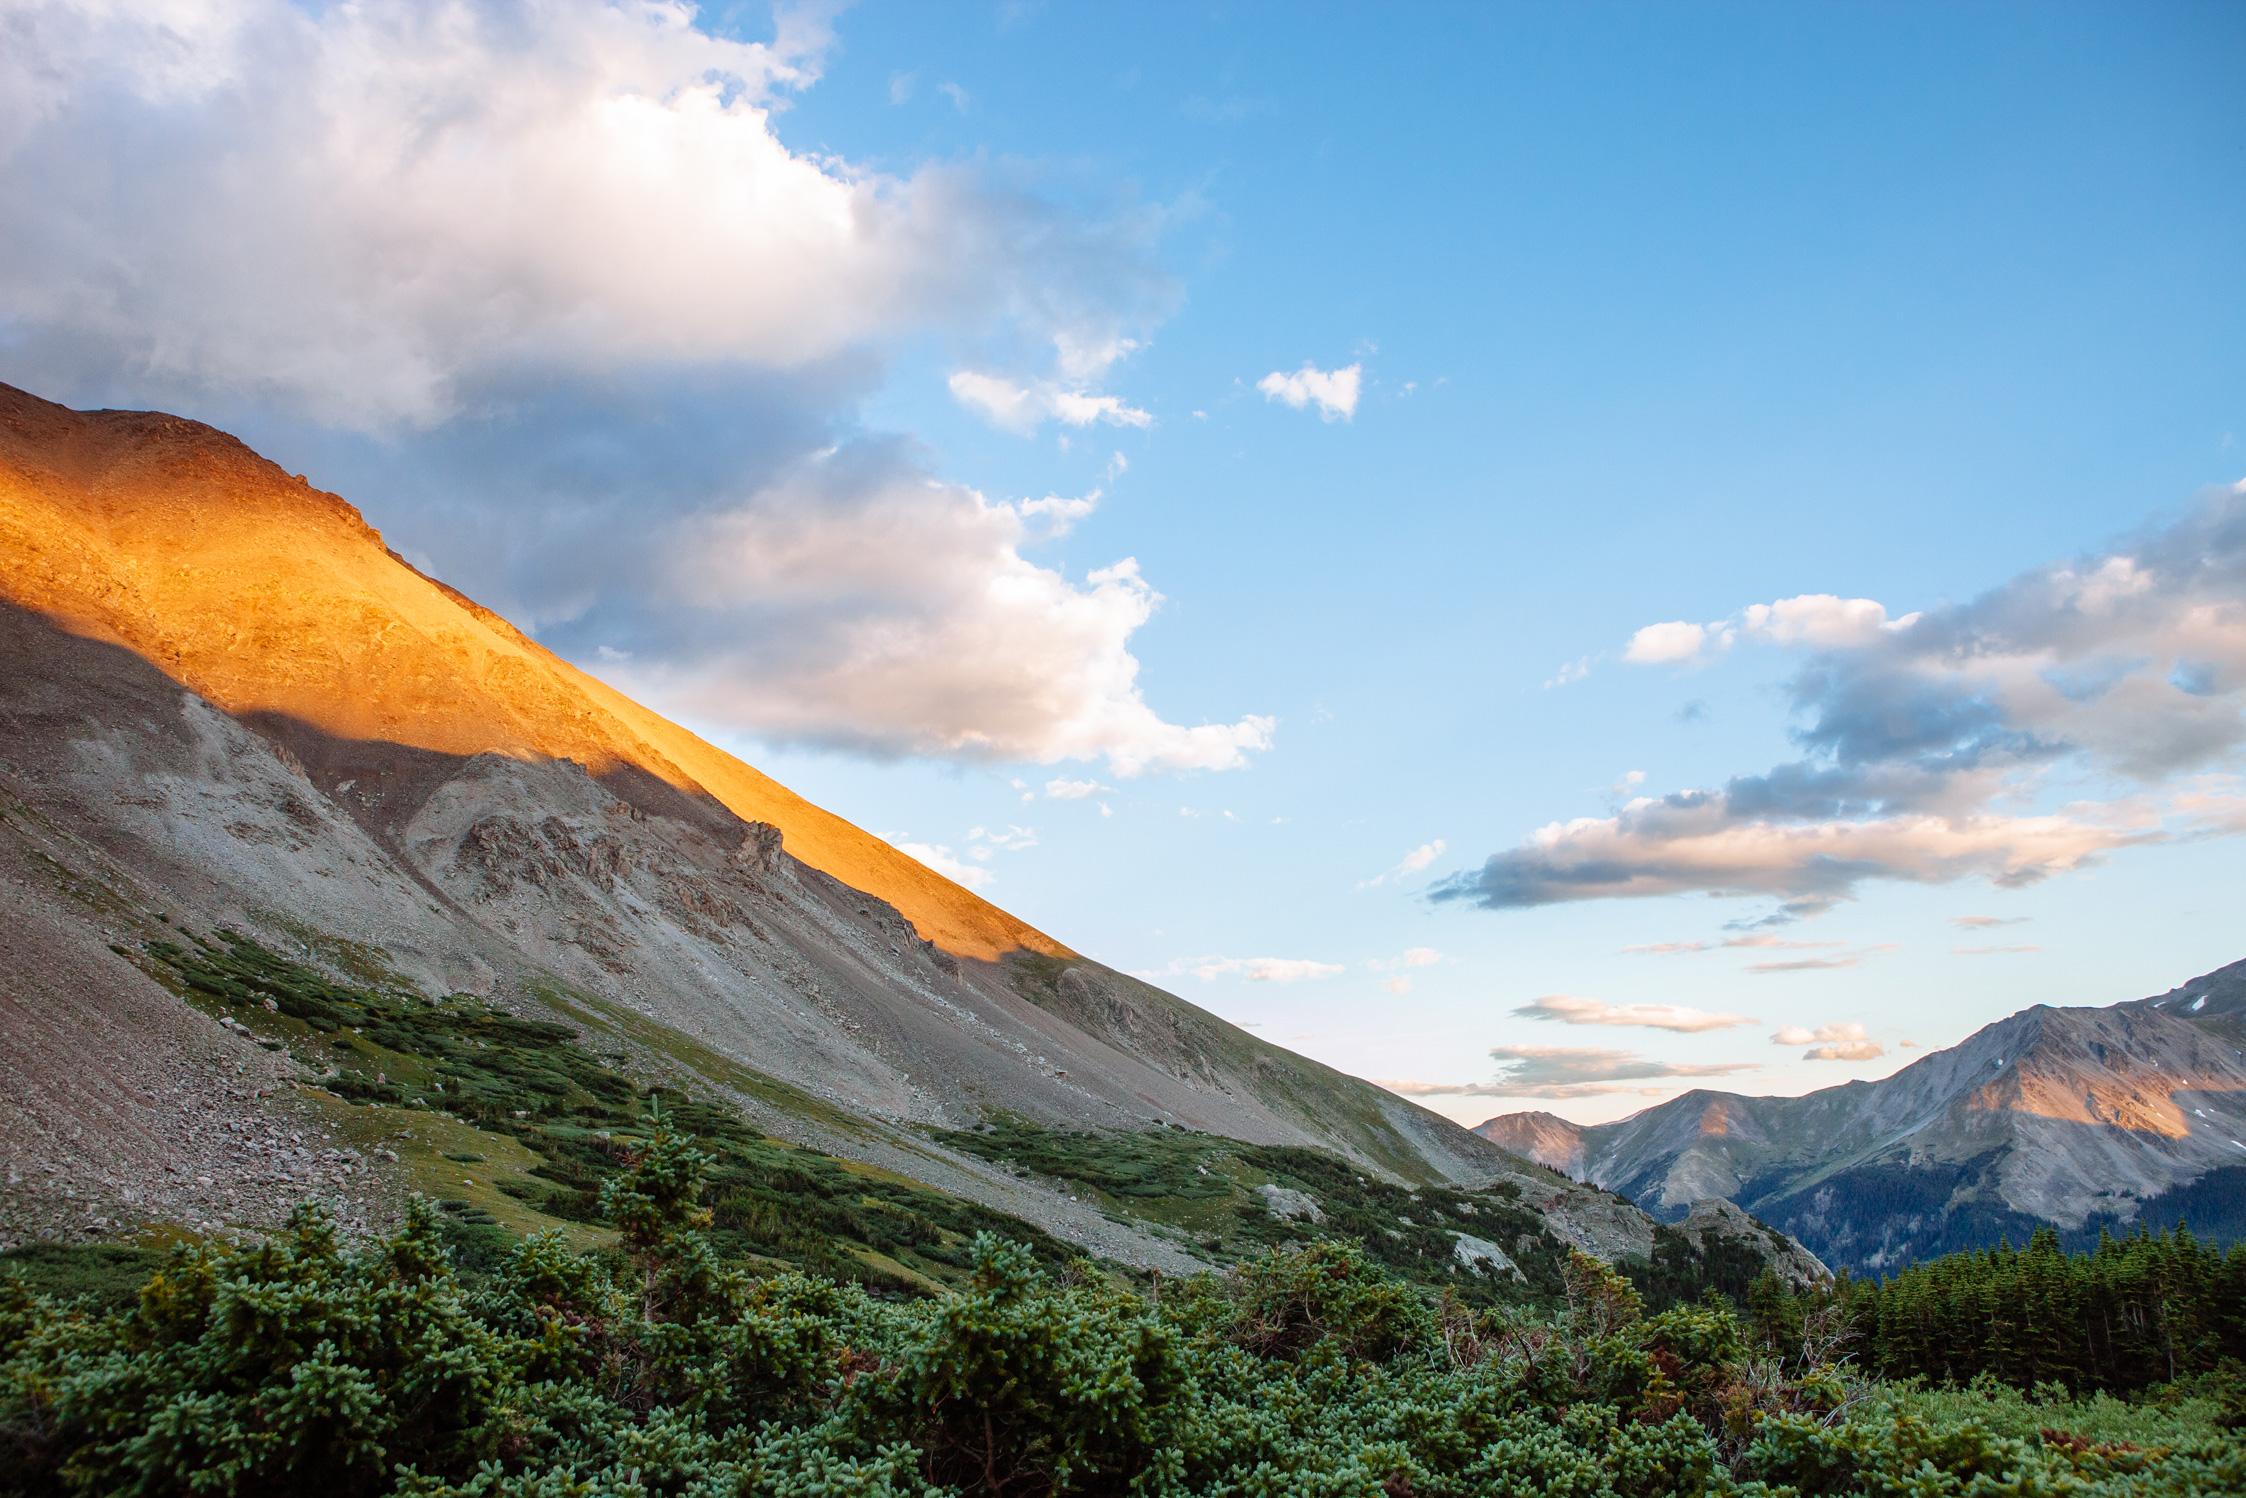 Colorado_CollegiatePeaks_CollegiateRange_MtYale_hike_camp_backpack.jpg